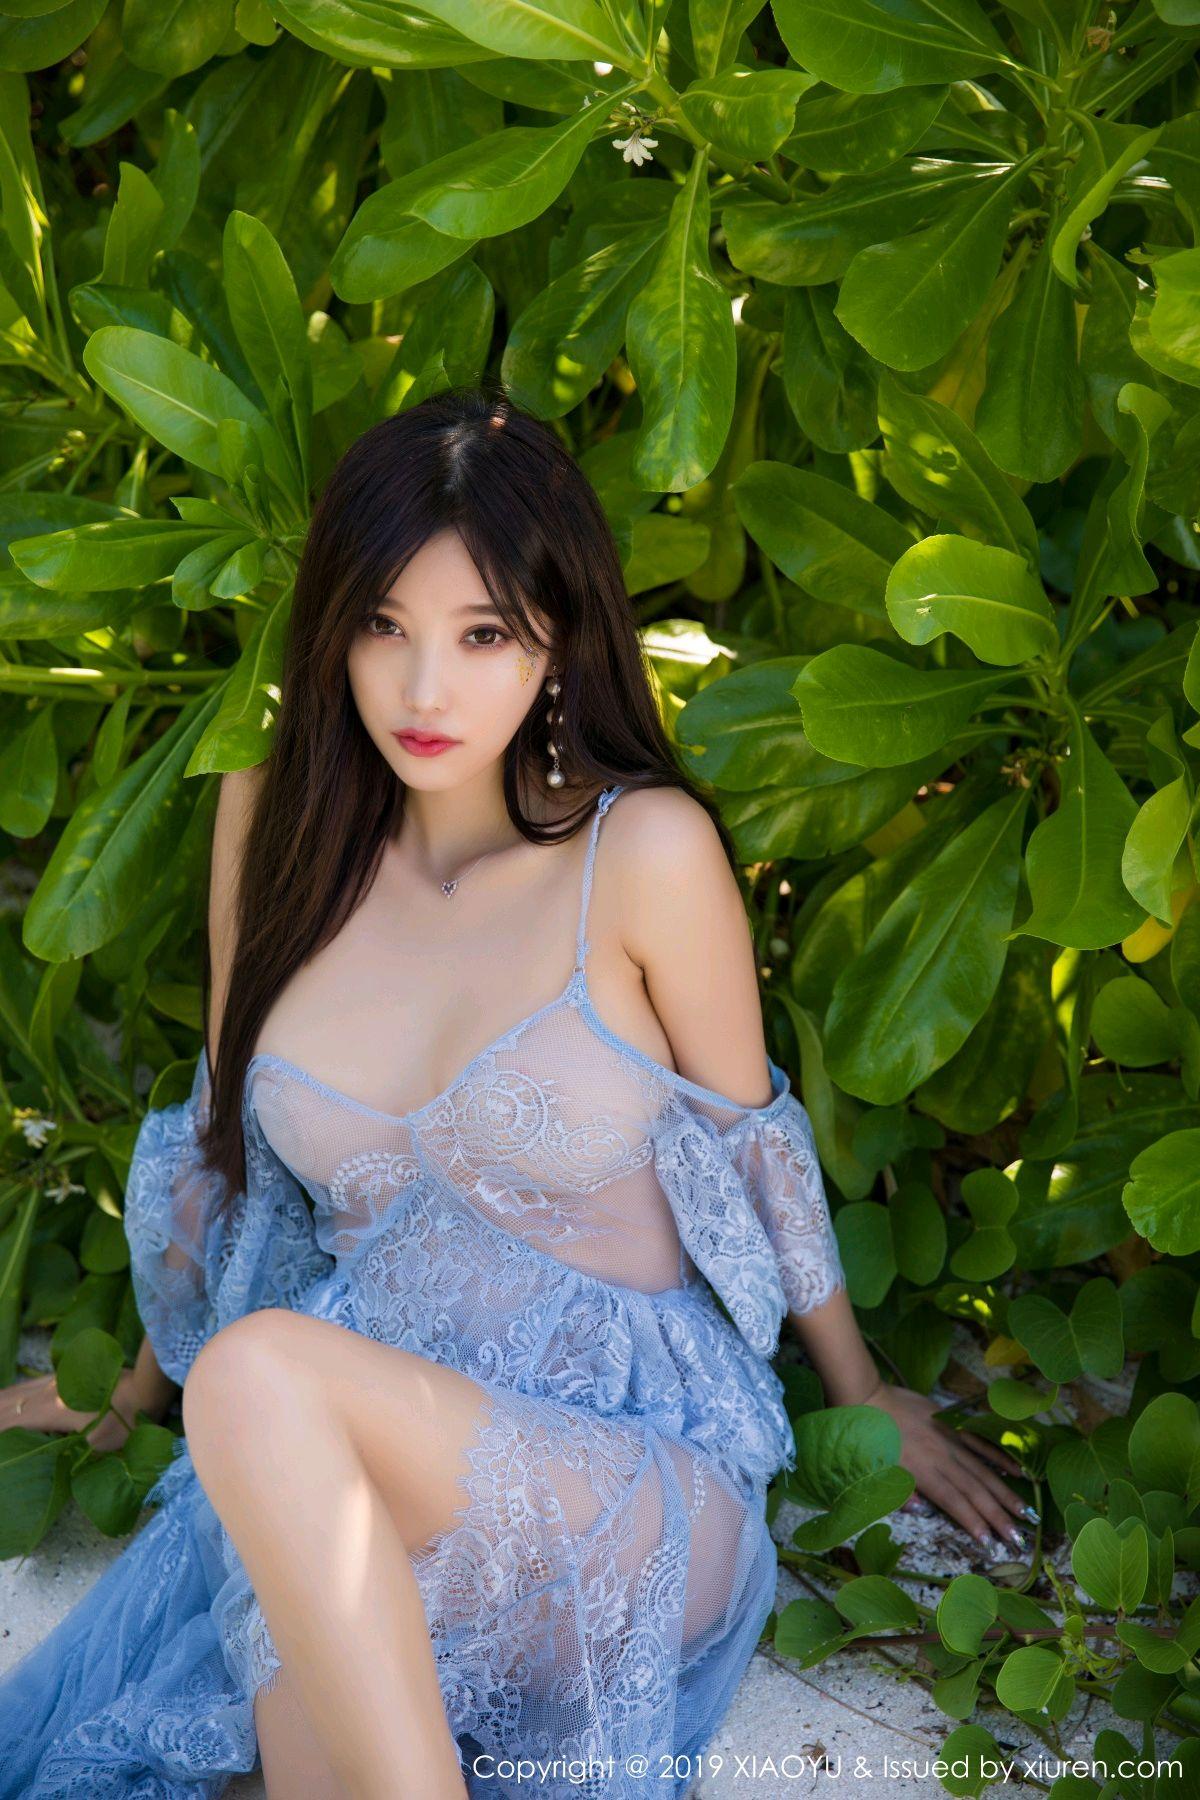 [XiaoYu] Vol.067 Yang Chen Chen 51P, Beach, Underwear, XiaoYu, Yang Chen Chen